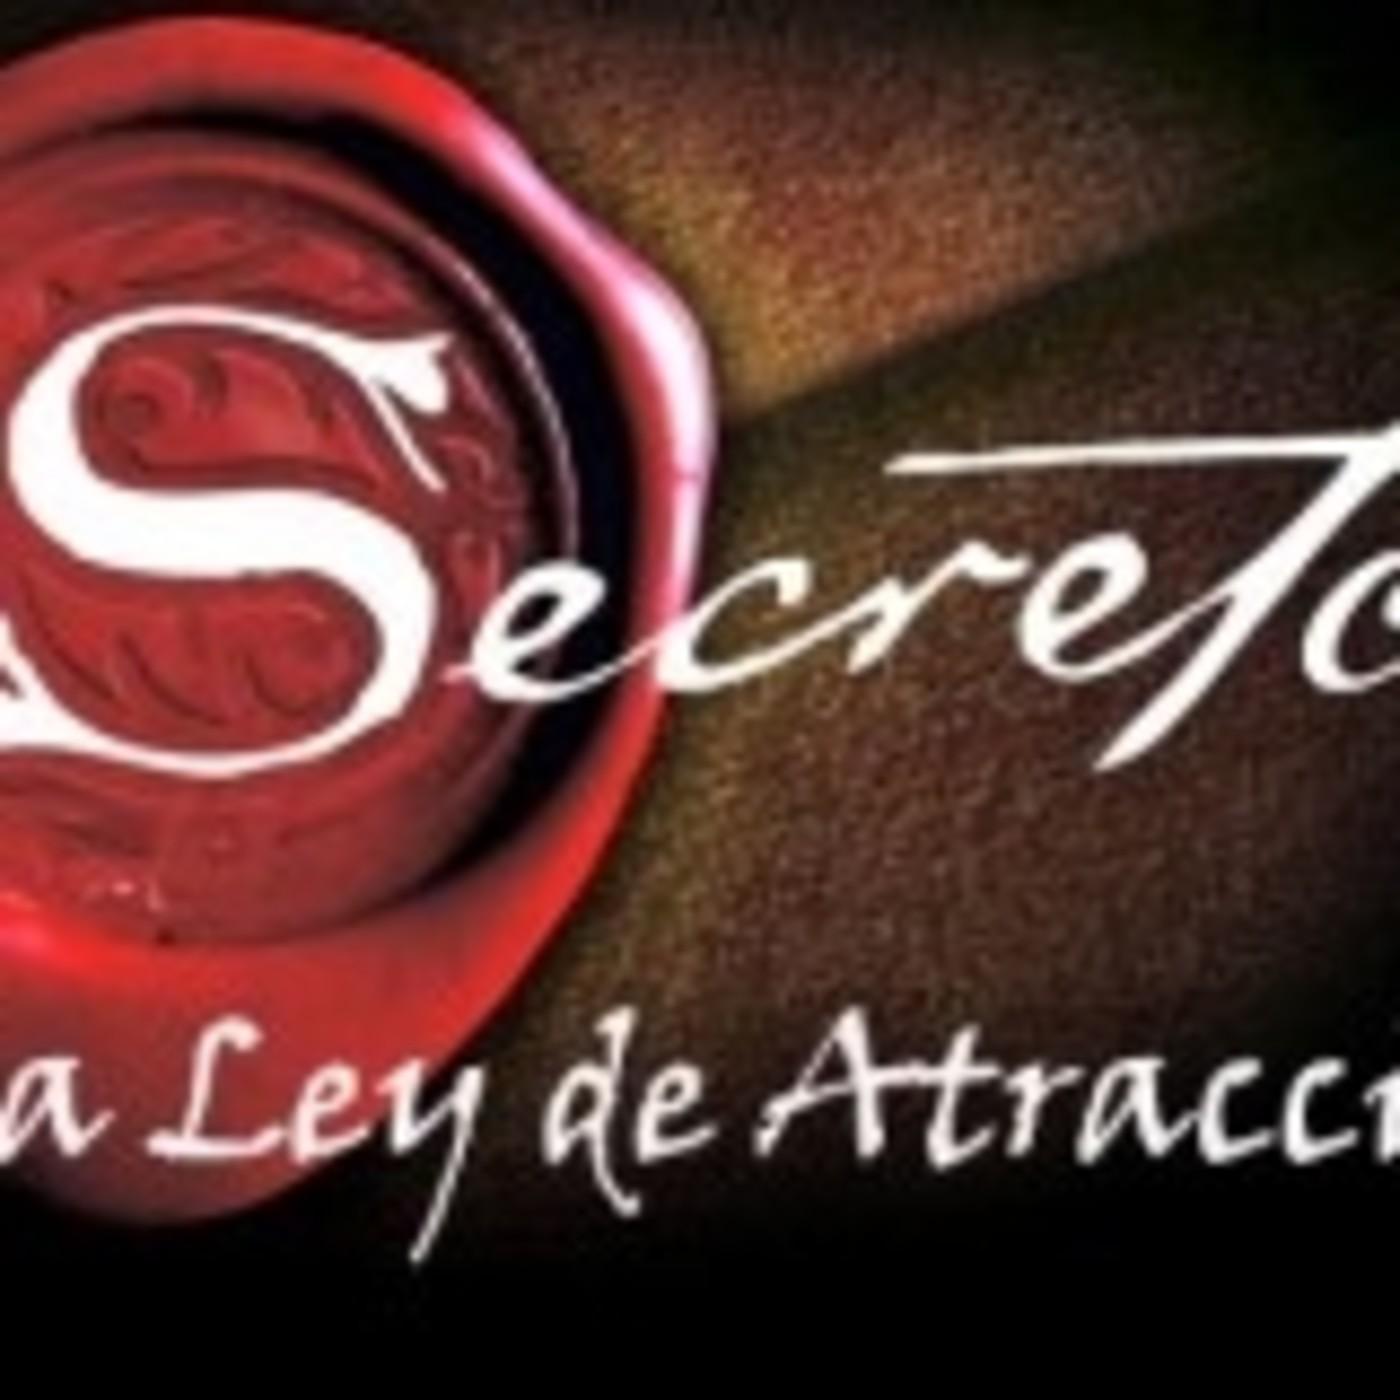 Felix Montelara en El Secreto (Lay Ley de Atracción)  Ep. 163 Potencial Millonario de Audio Dice Network